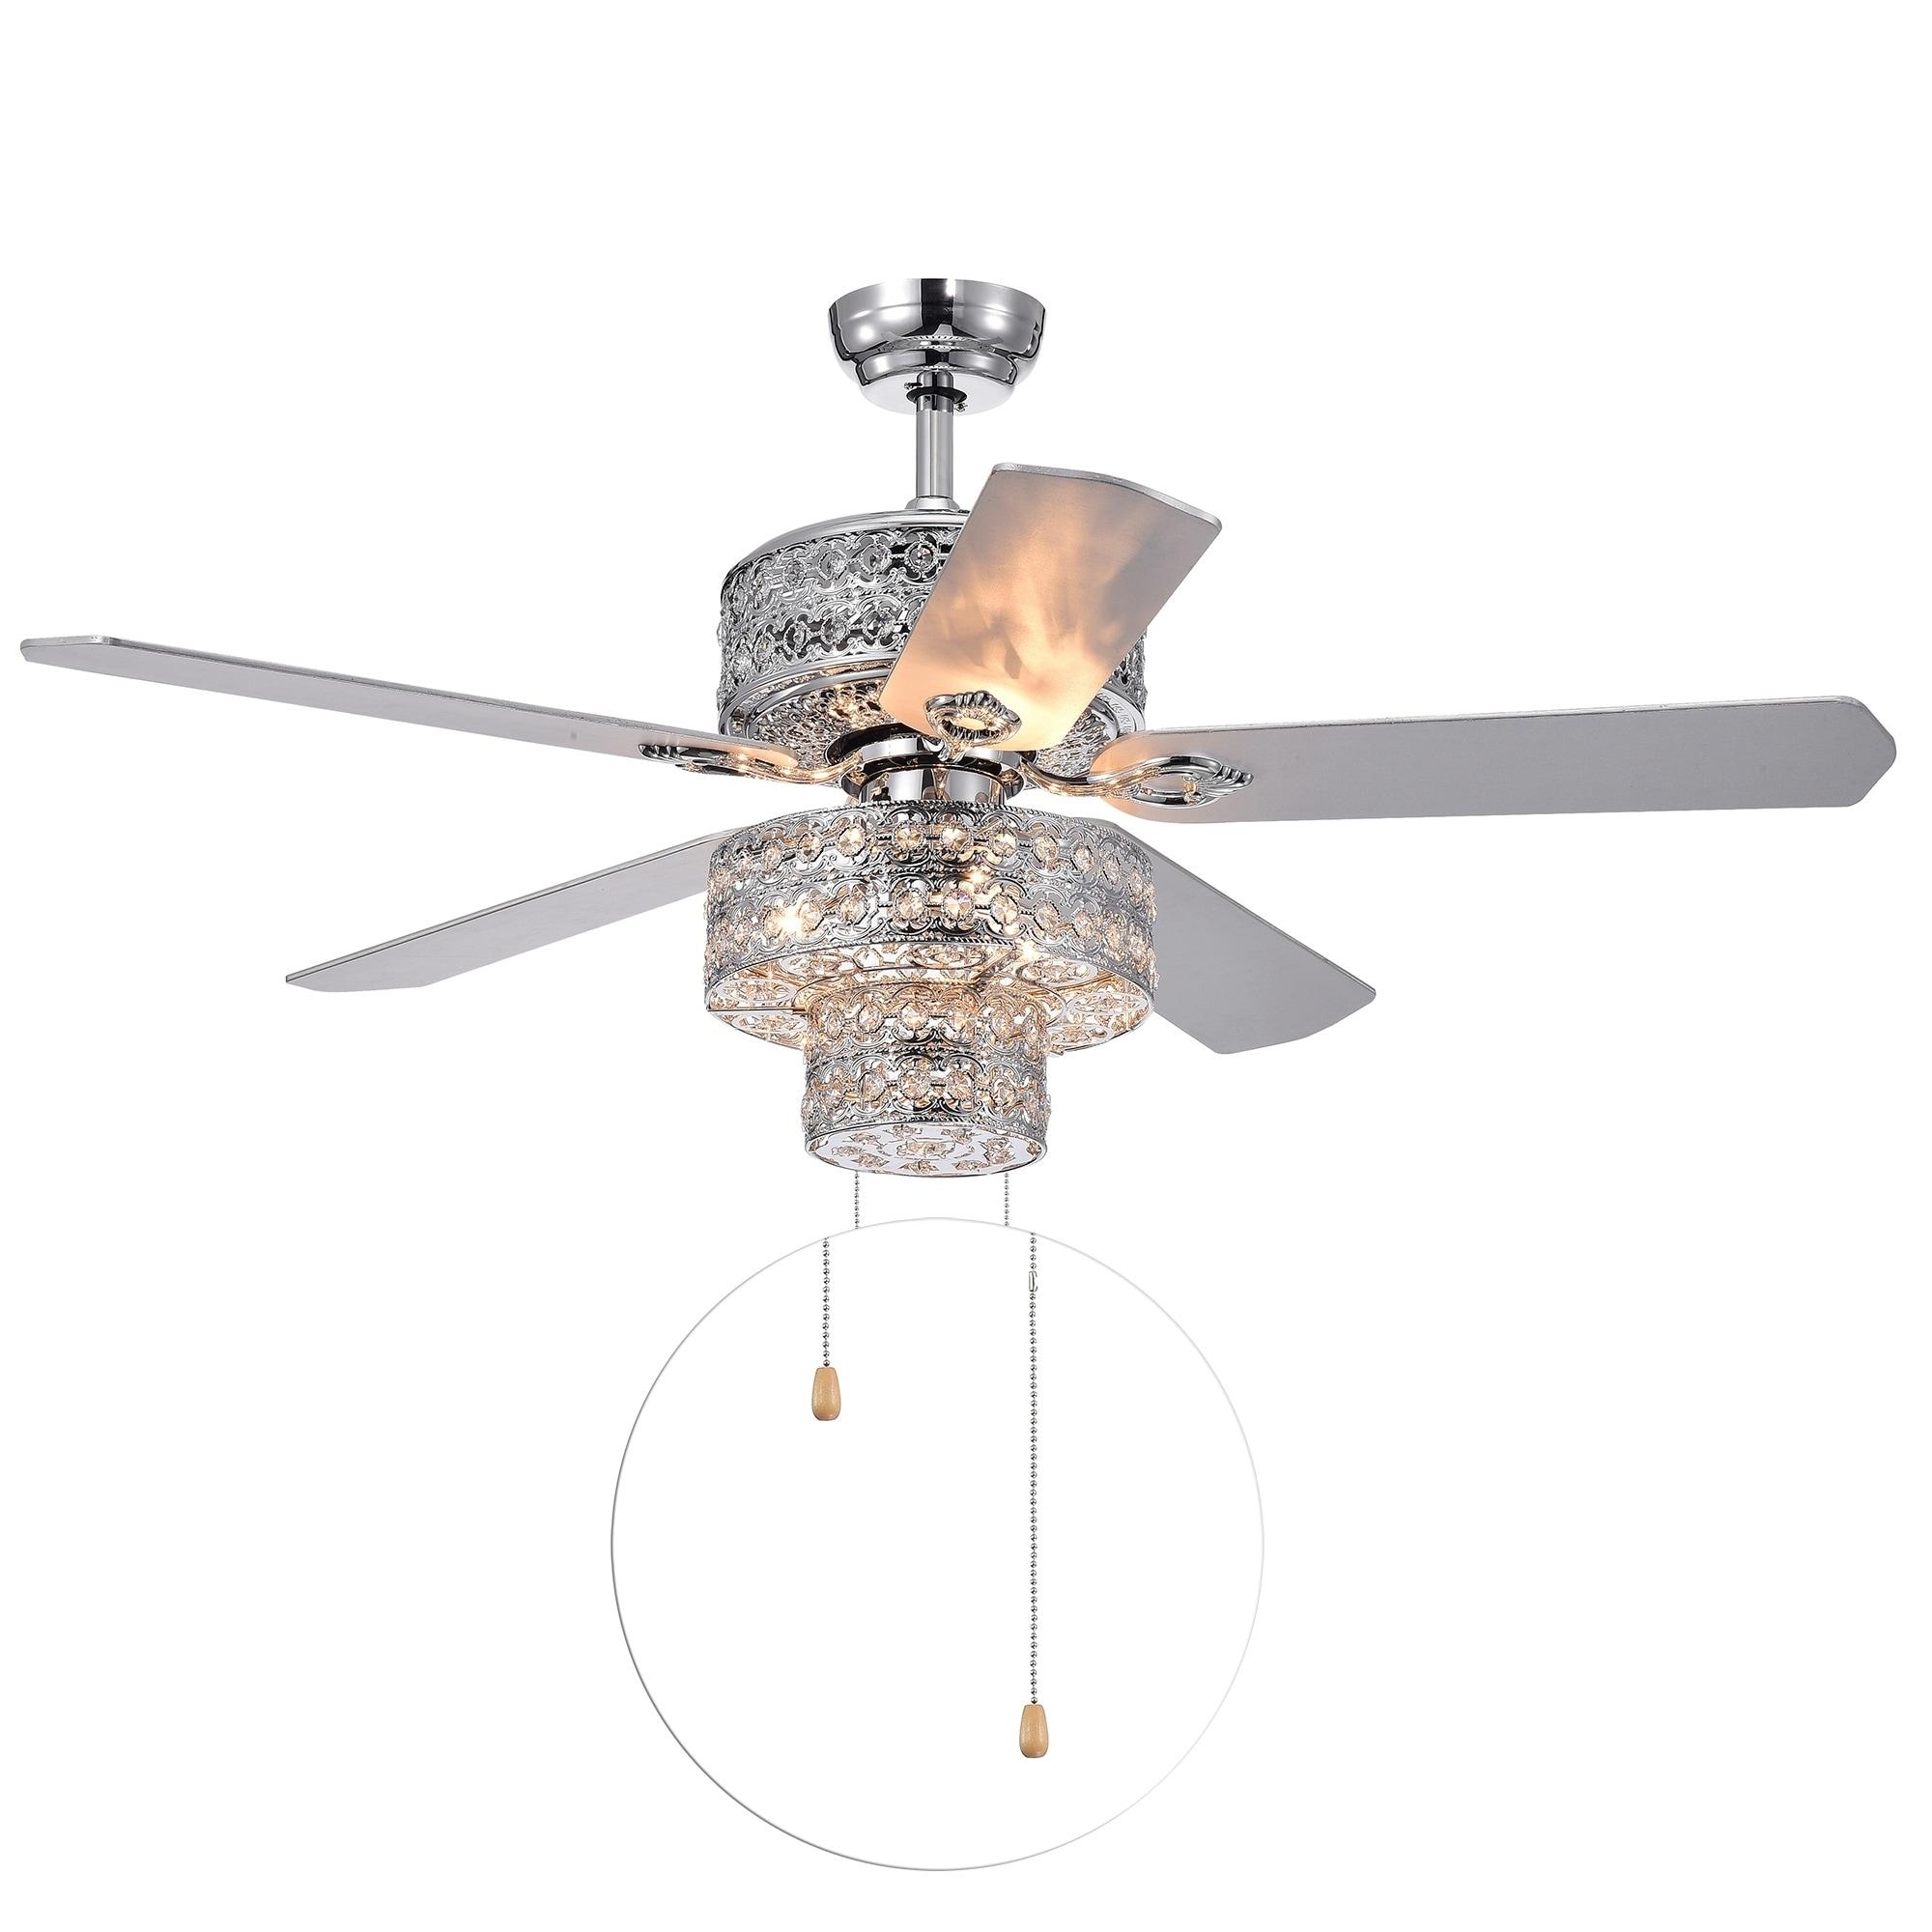 5 Blade Silver Chandelier Ceiling Fan